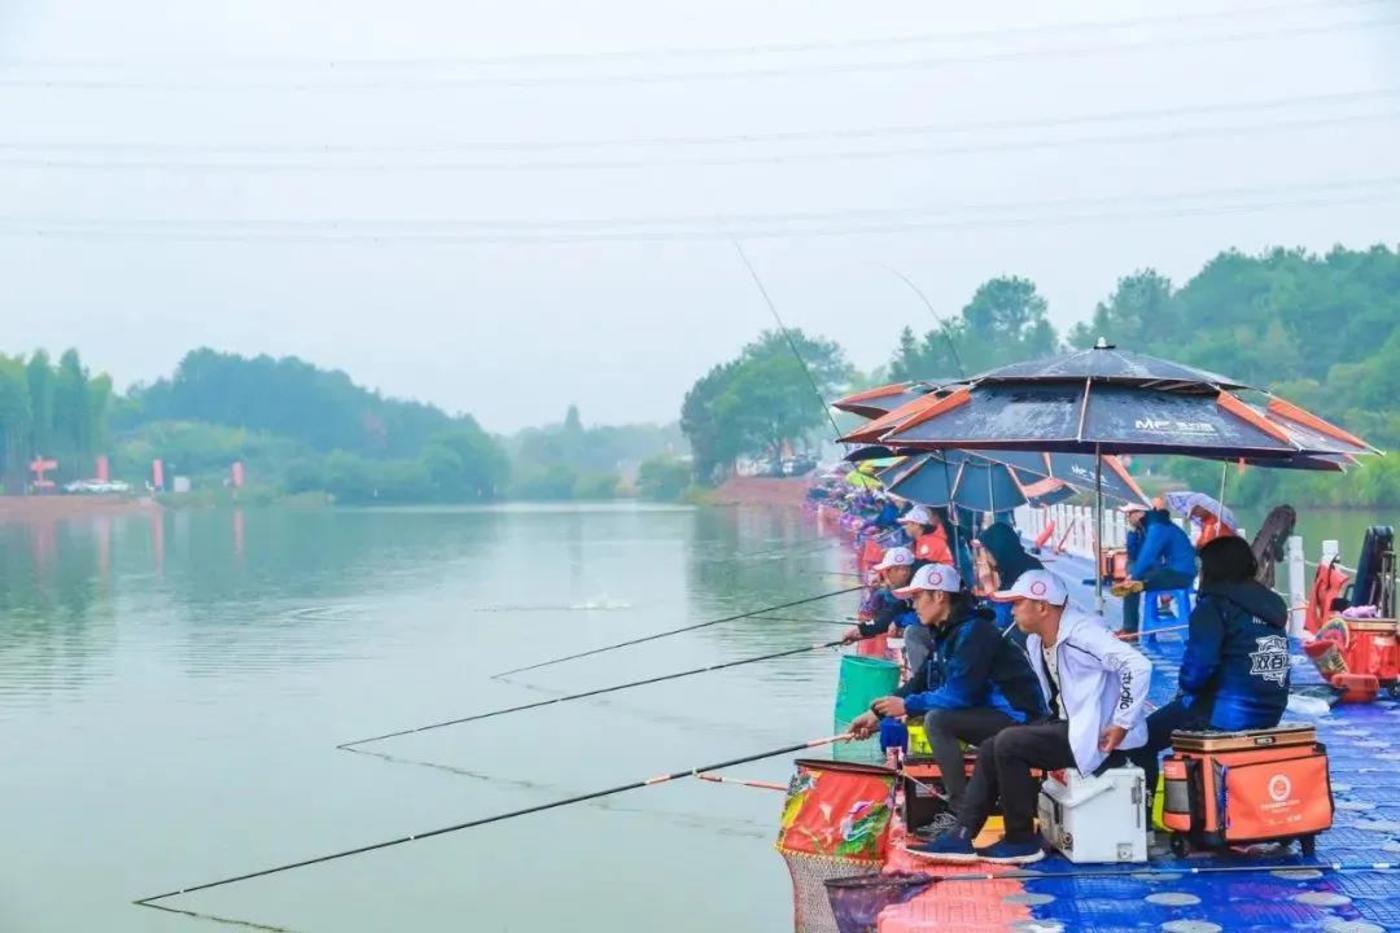 全国钓鱼人运动会,千人钓鱼场面颇为壮观